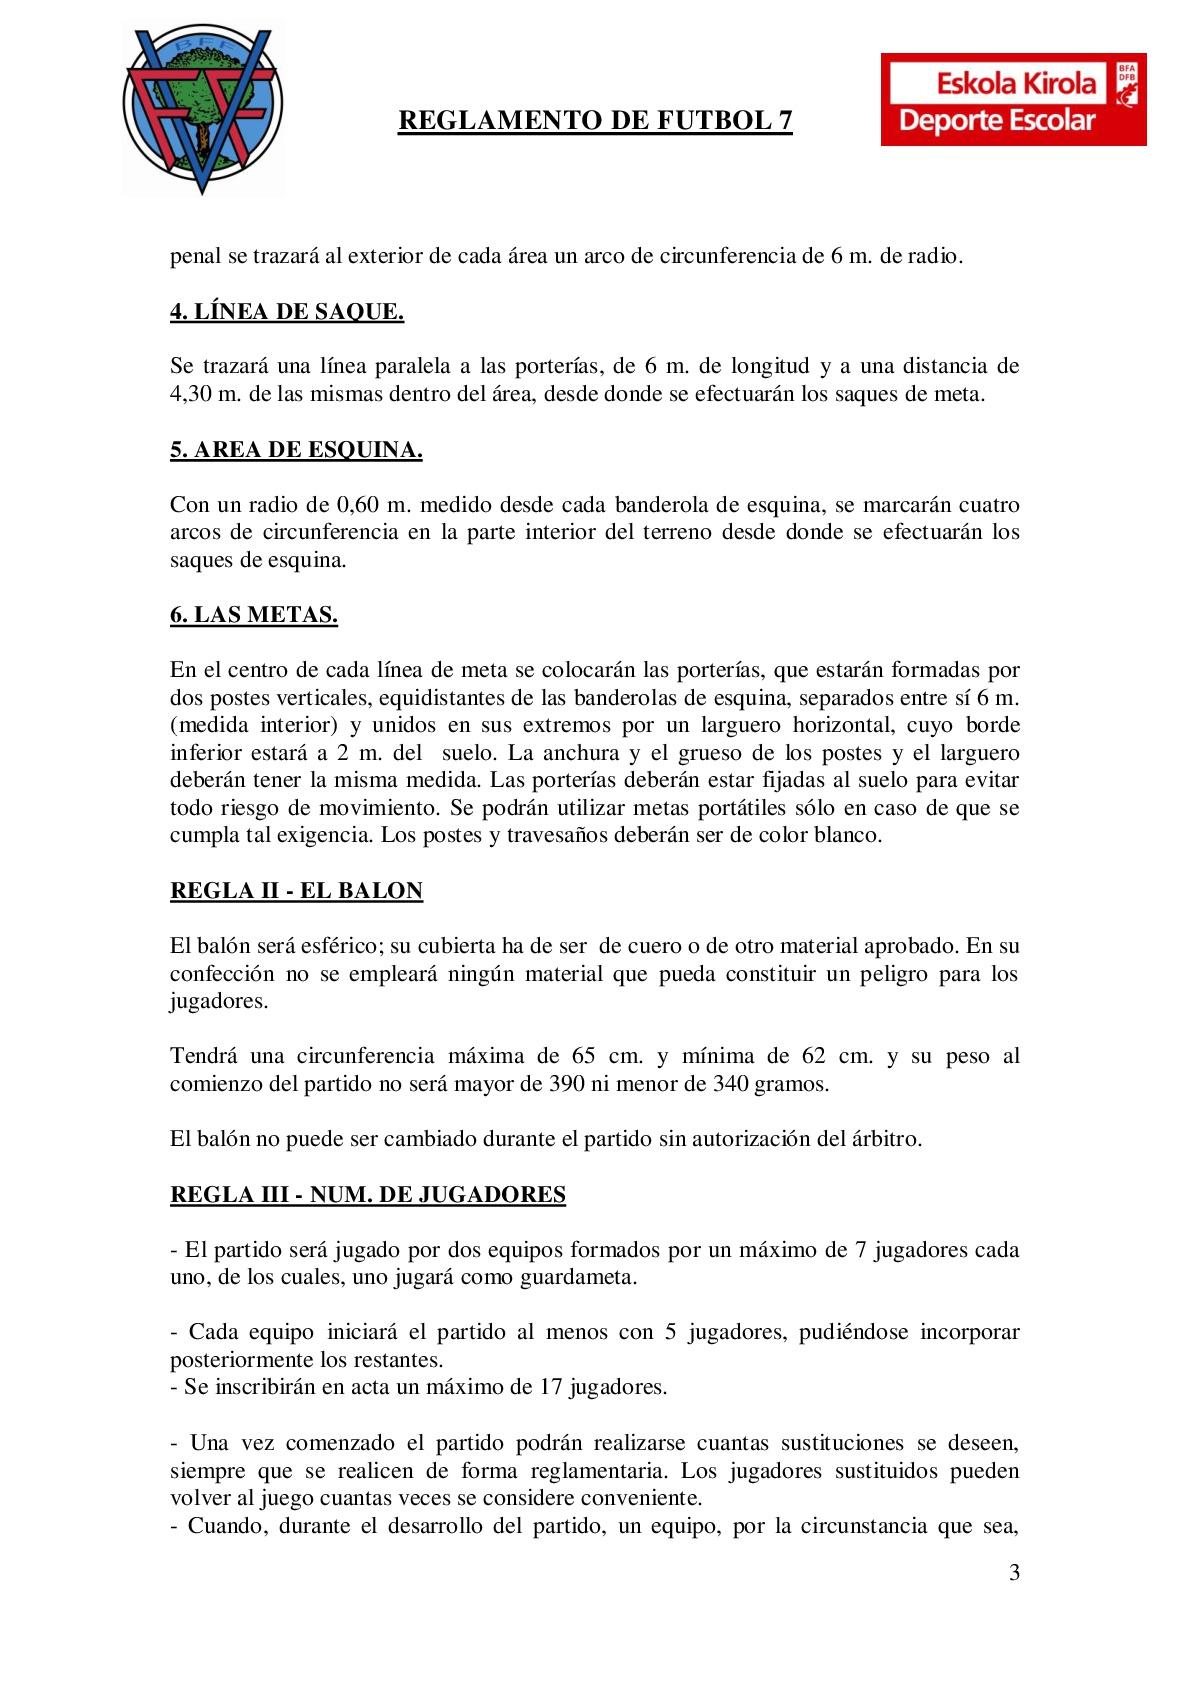 Reglamento-F7-003